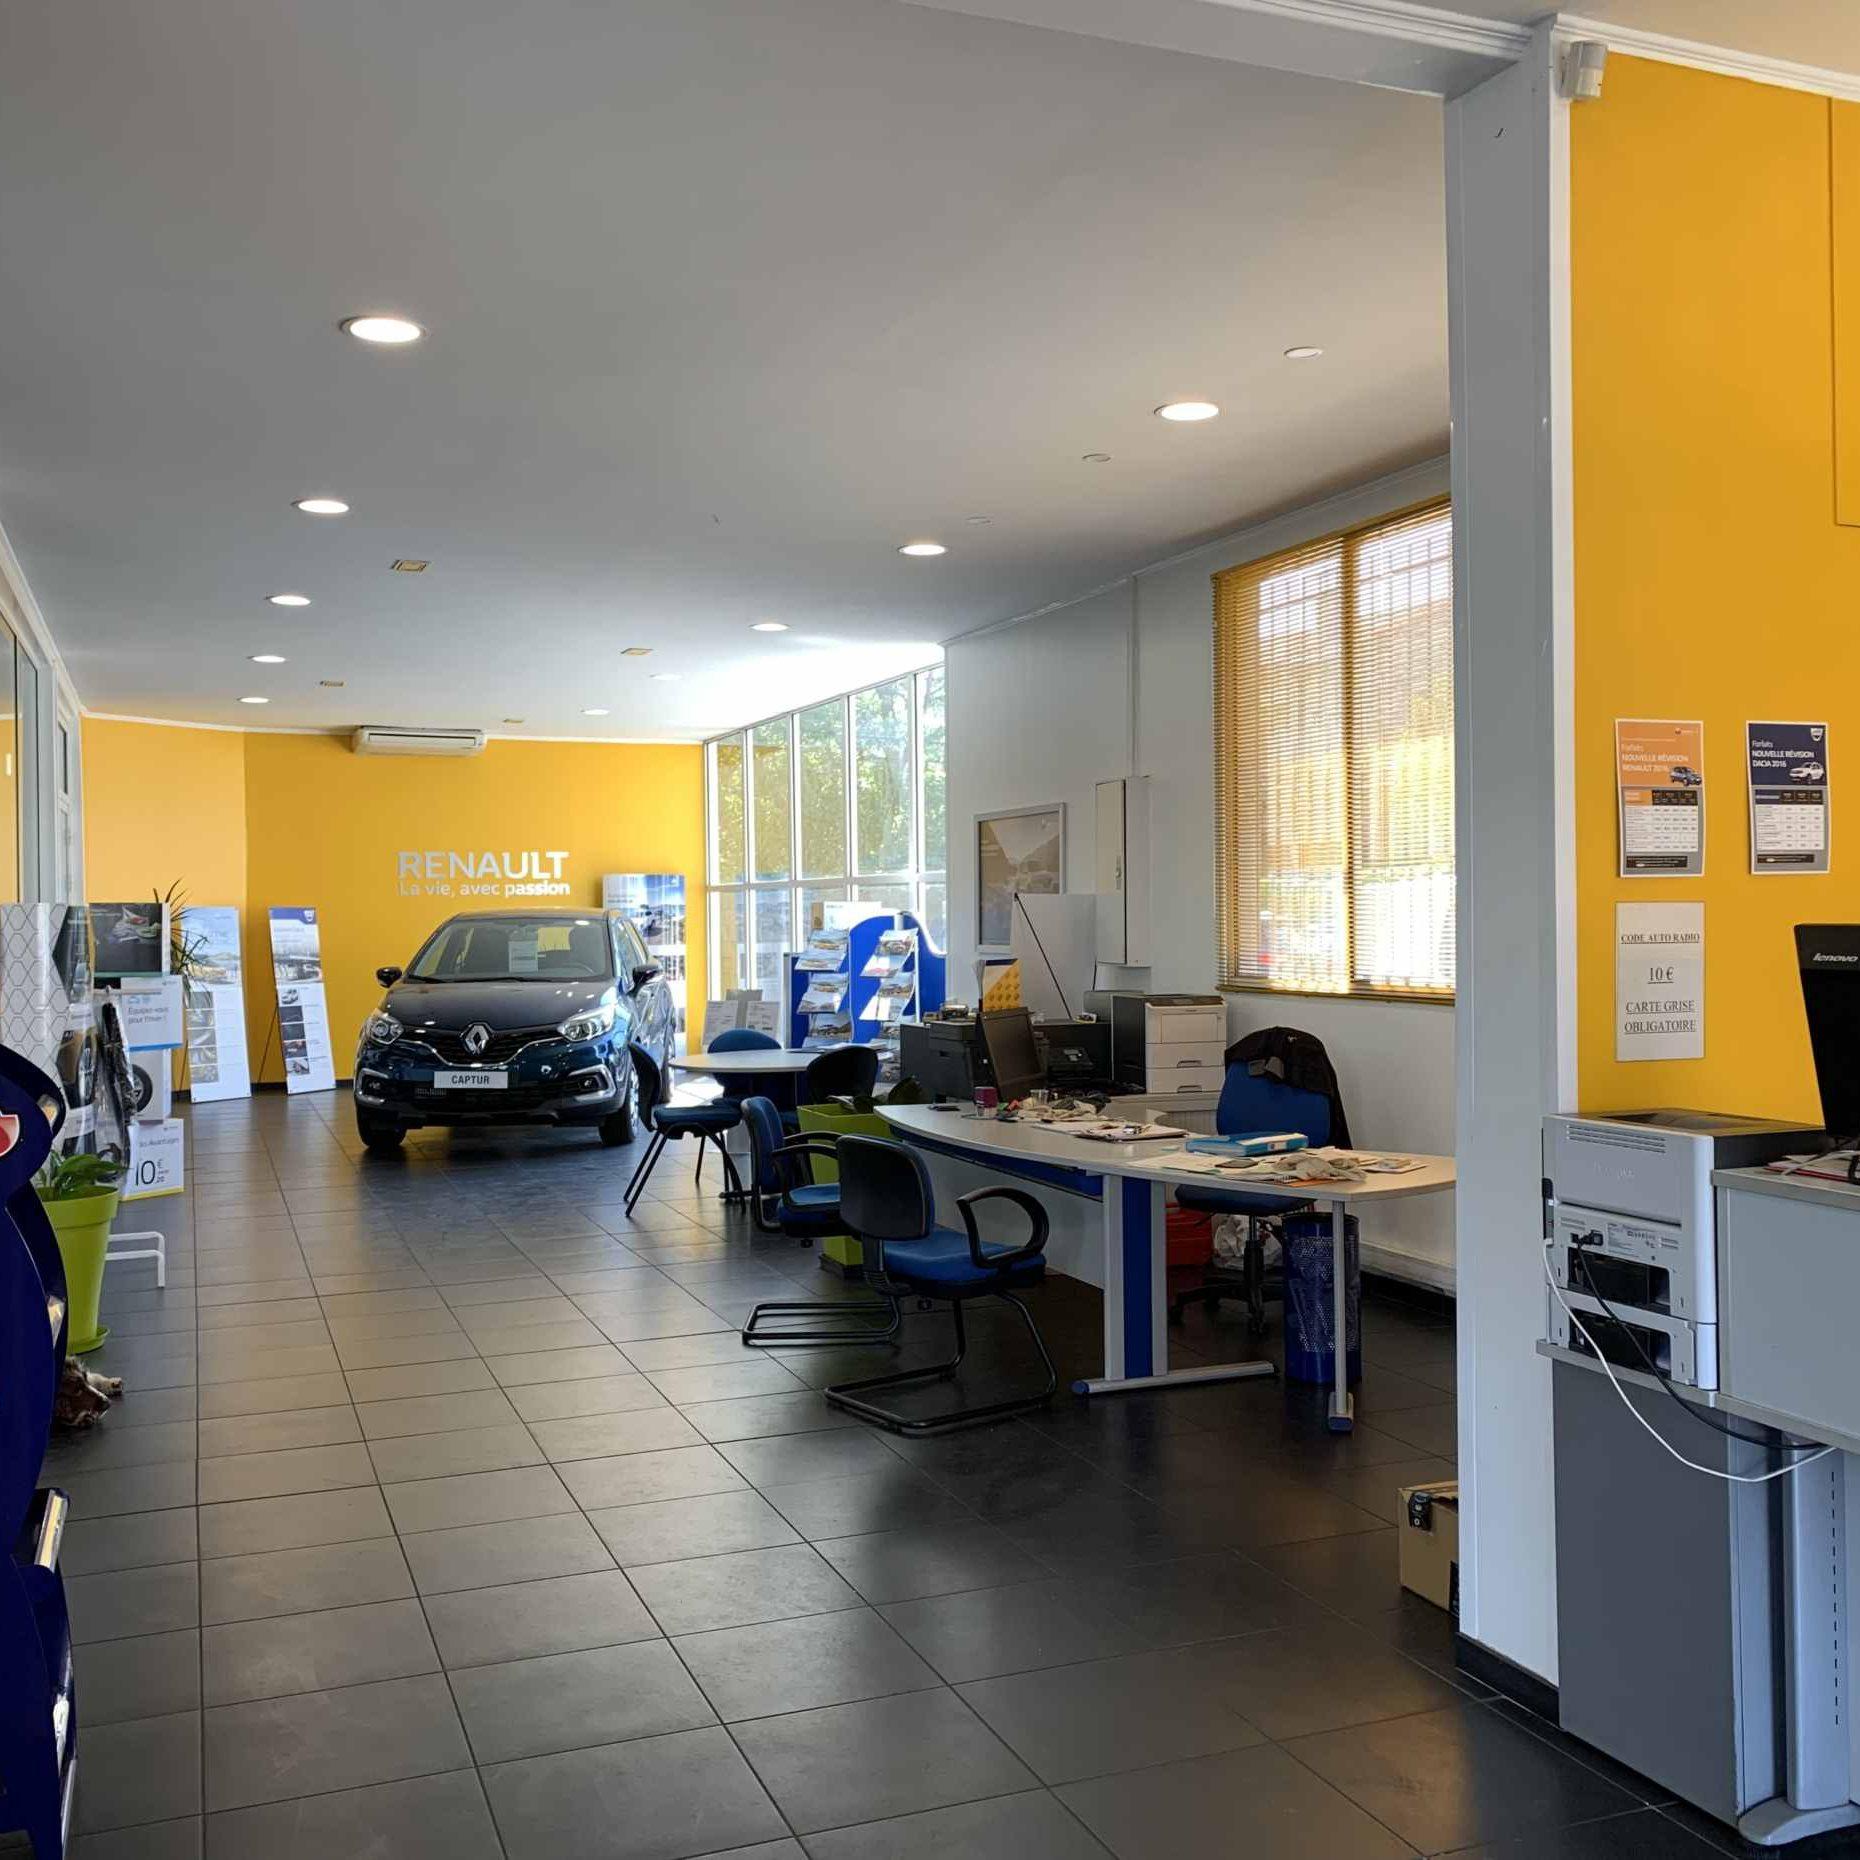 vente de voitures d'occasion à Nîmes